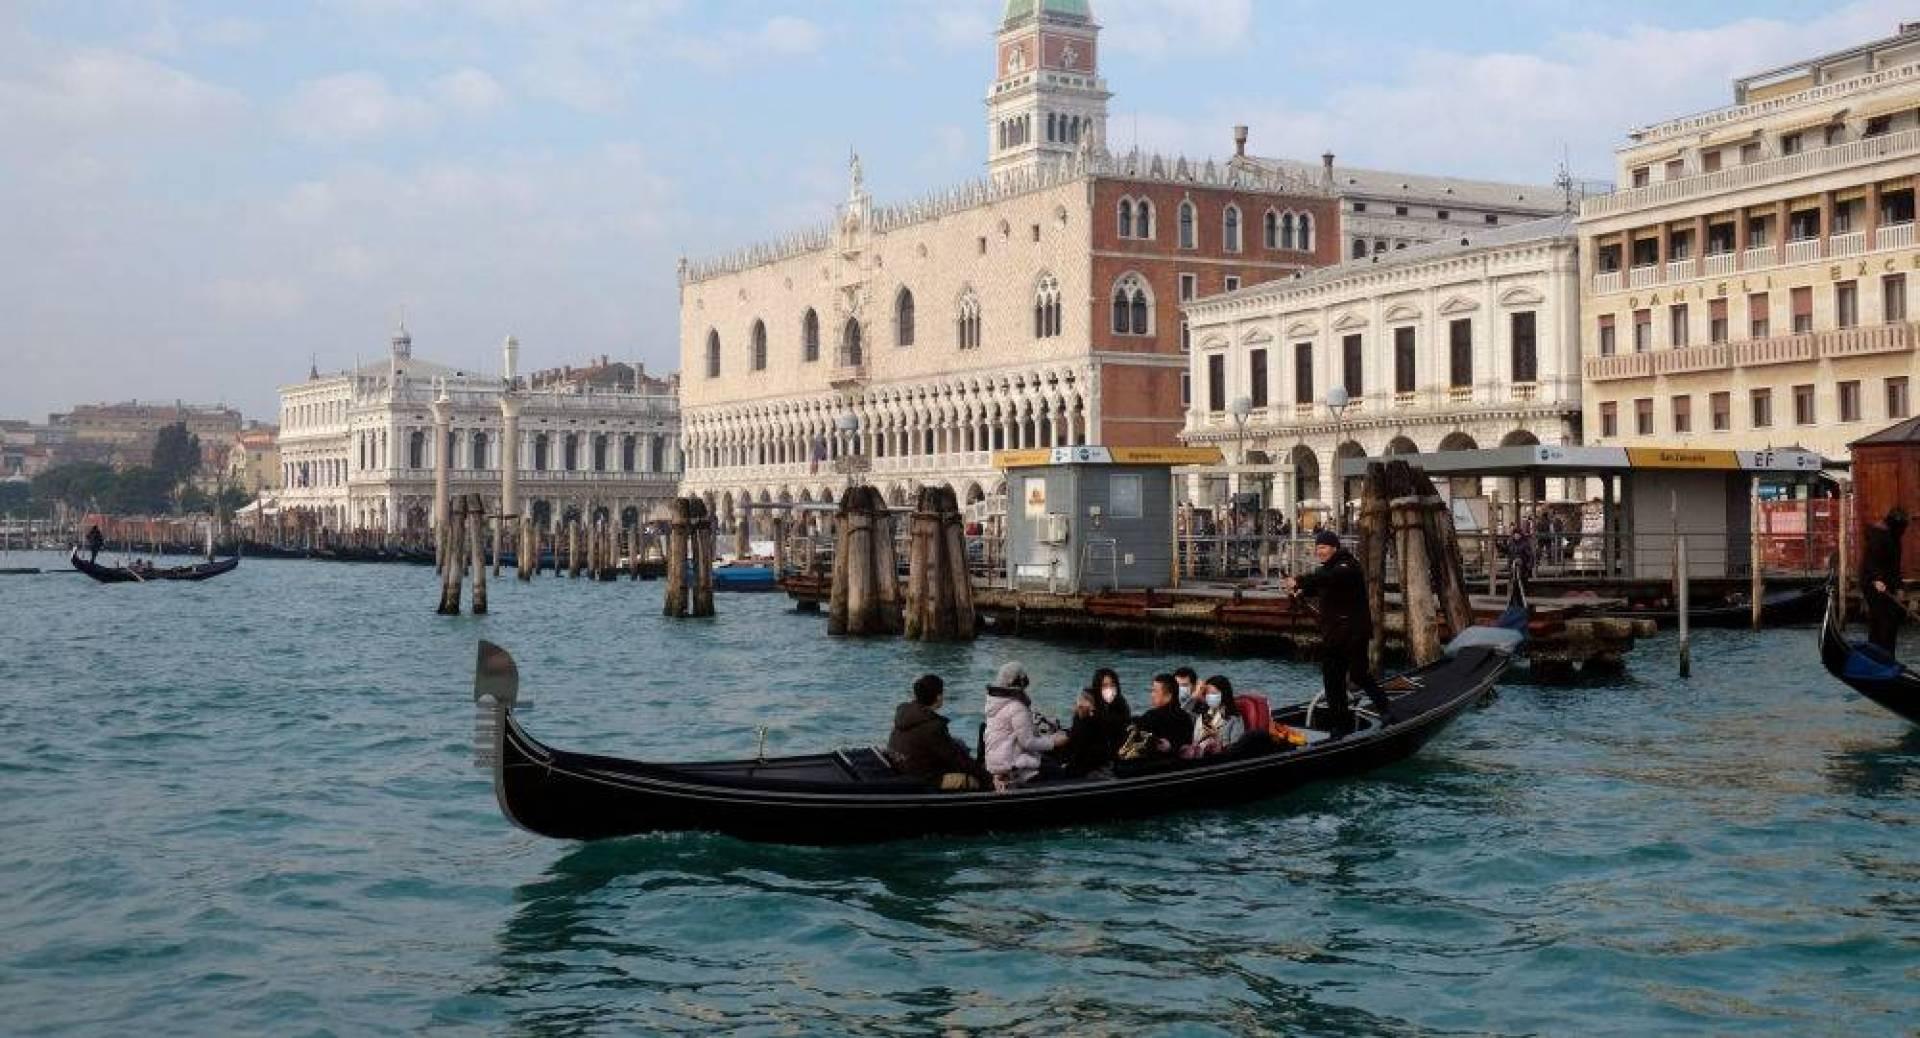 إيطاليا تقرر إلغاء مهرجان «البندقية» بسبب مخاوف «كورونا»